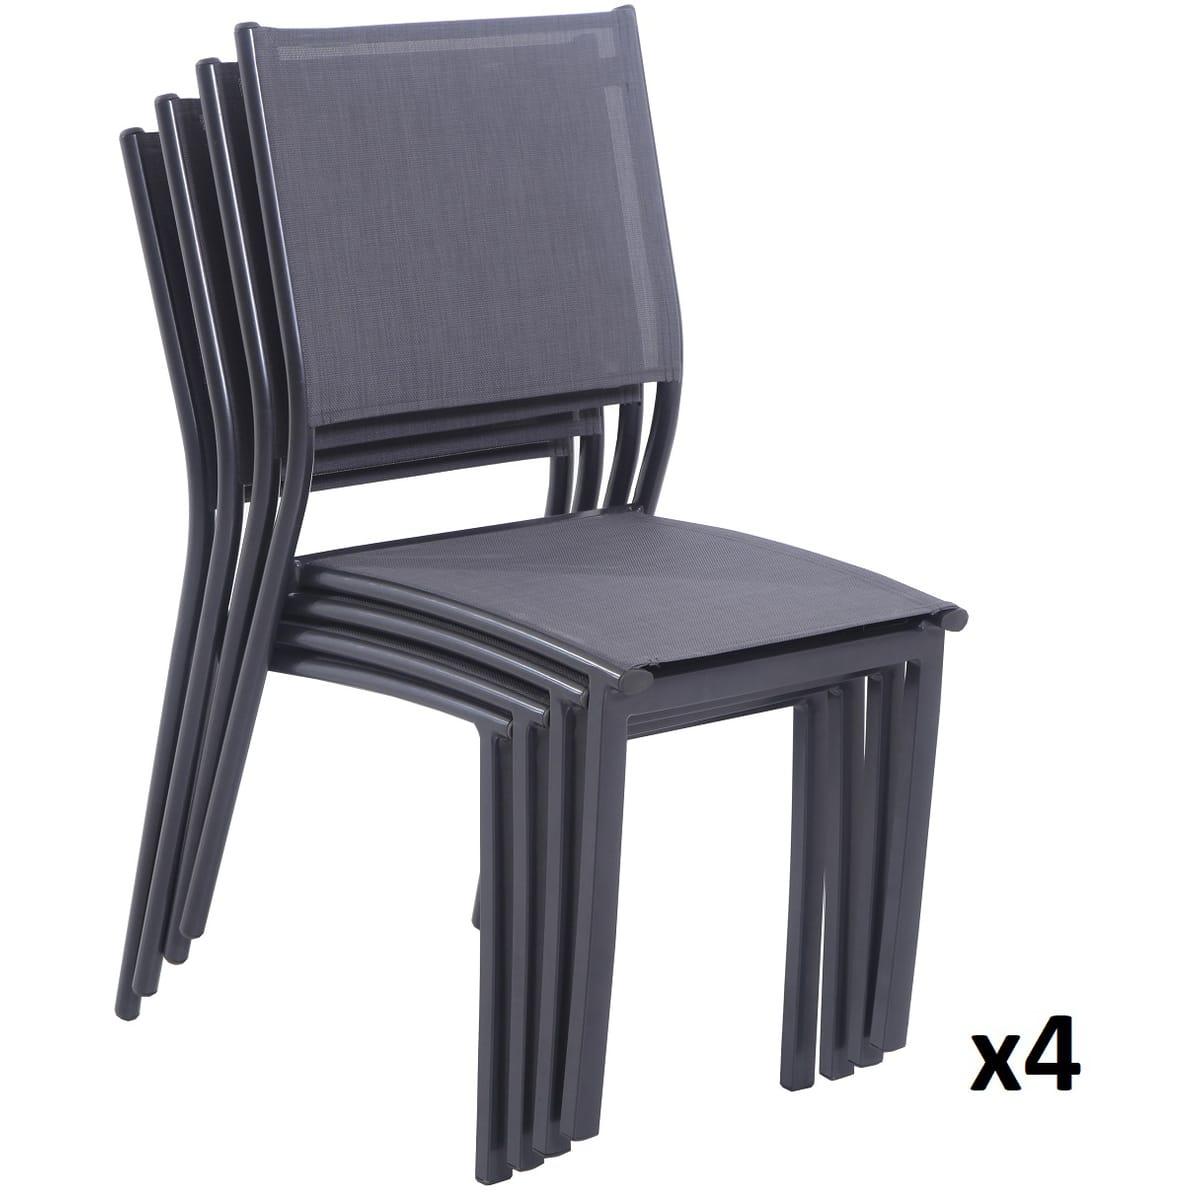 Creador Lot De 4 Chaises Empilables Textilène Gris Anthracite Clara destiné Auchan Table De Jardin